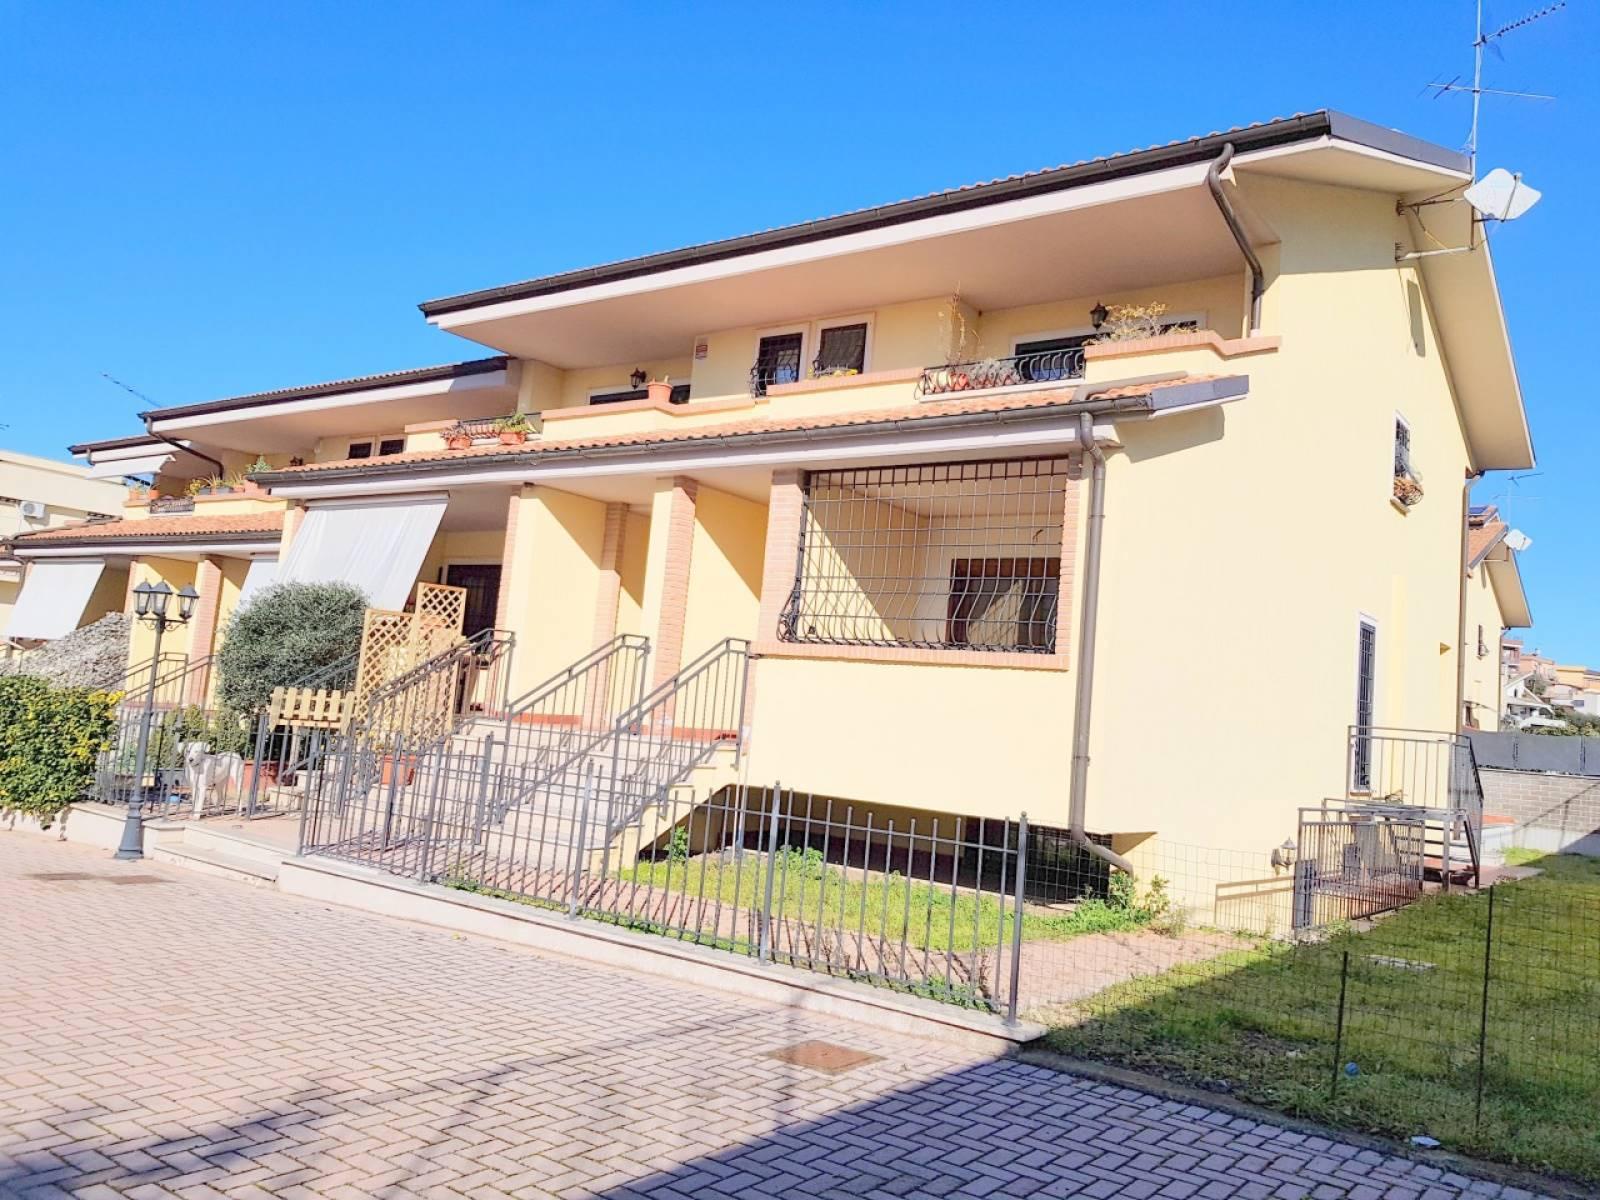 Appartamento in vendita a Roma, 4 locali, zona Località: CASALOTTI, prezzo € 270.000   CambioCasa.it